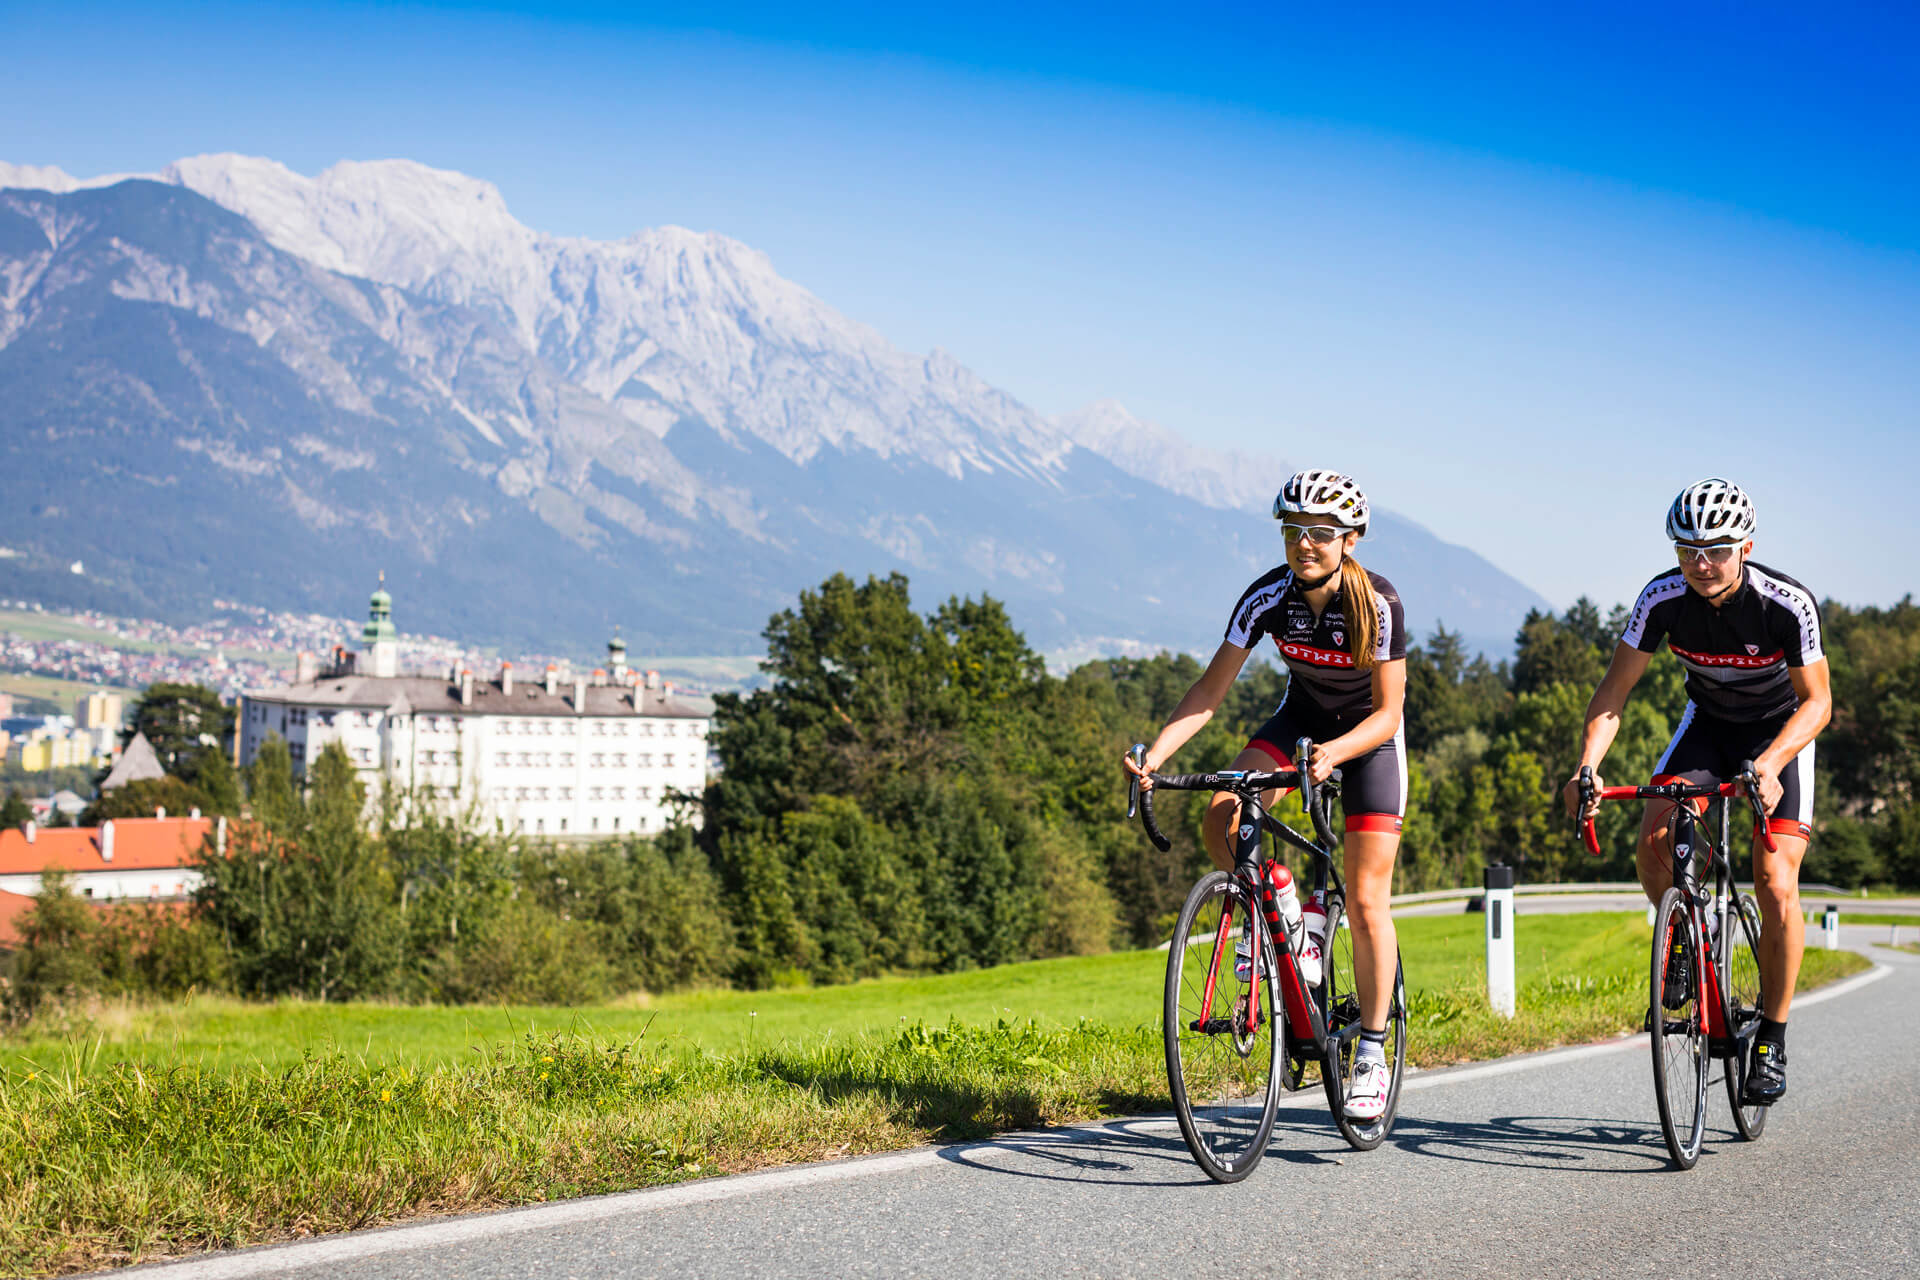 Rennrad Urlaub in Innsbruck © Innsbruck Tourismus - Tommy Bause